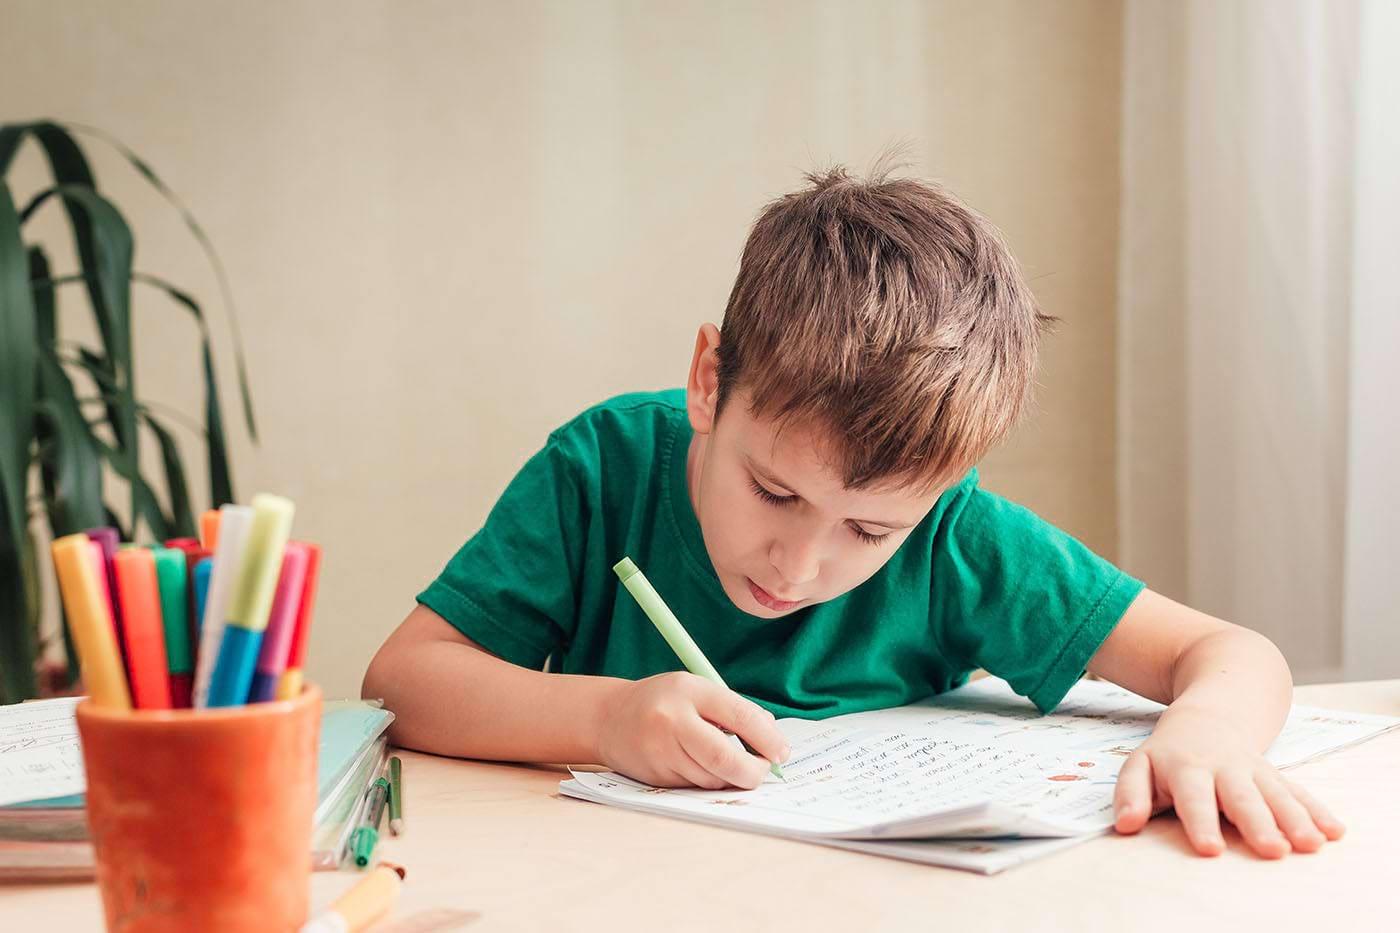 Scrisul de mână îi ajută pe copii să învețe mai repede să citească (studiu)